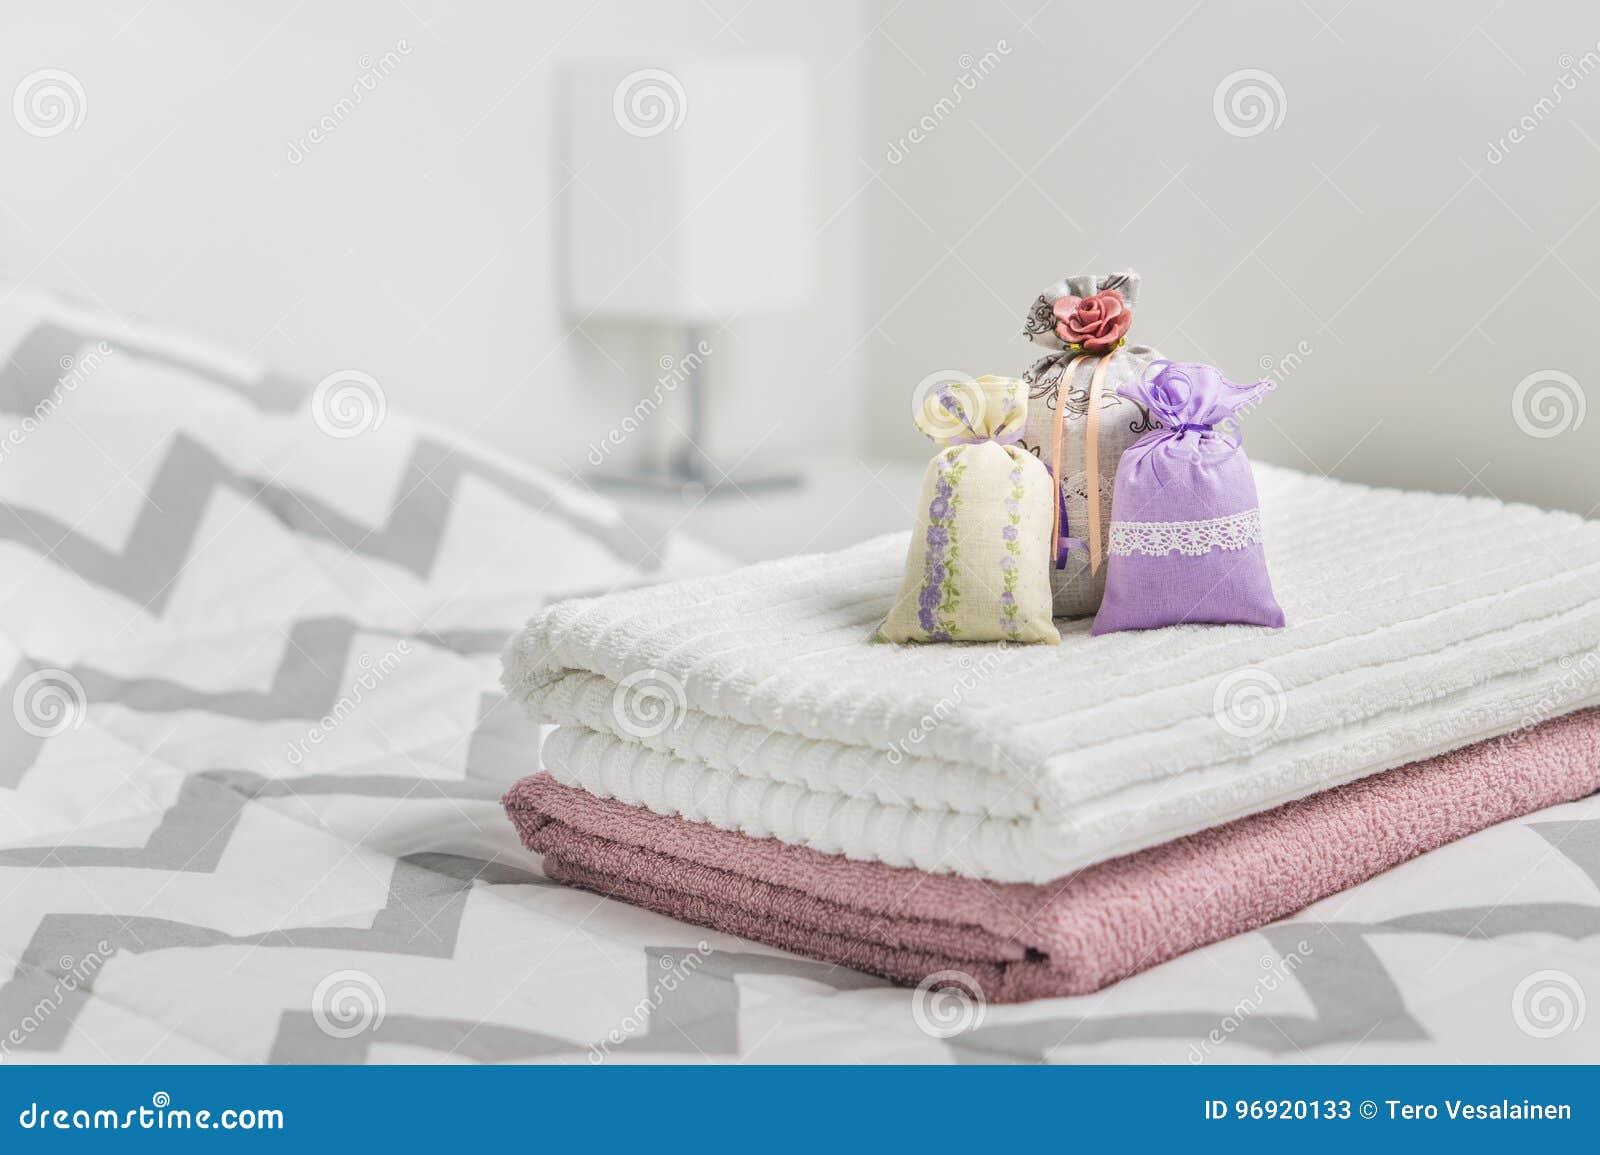 bemerkte sachets op handdoeken op bed geurige zakken voor comfortabel huis droge lavendel in decoratiezakken in